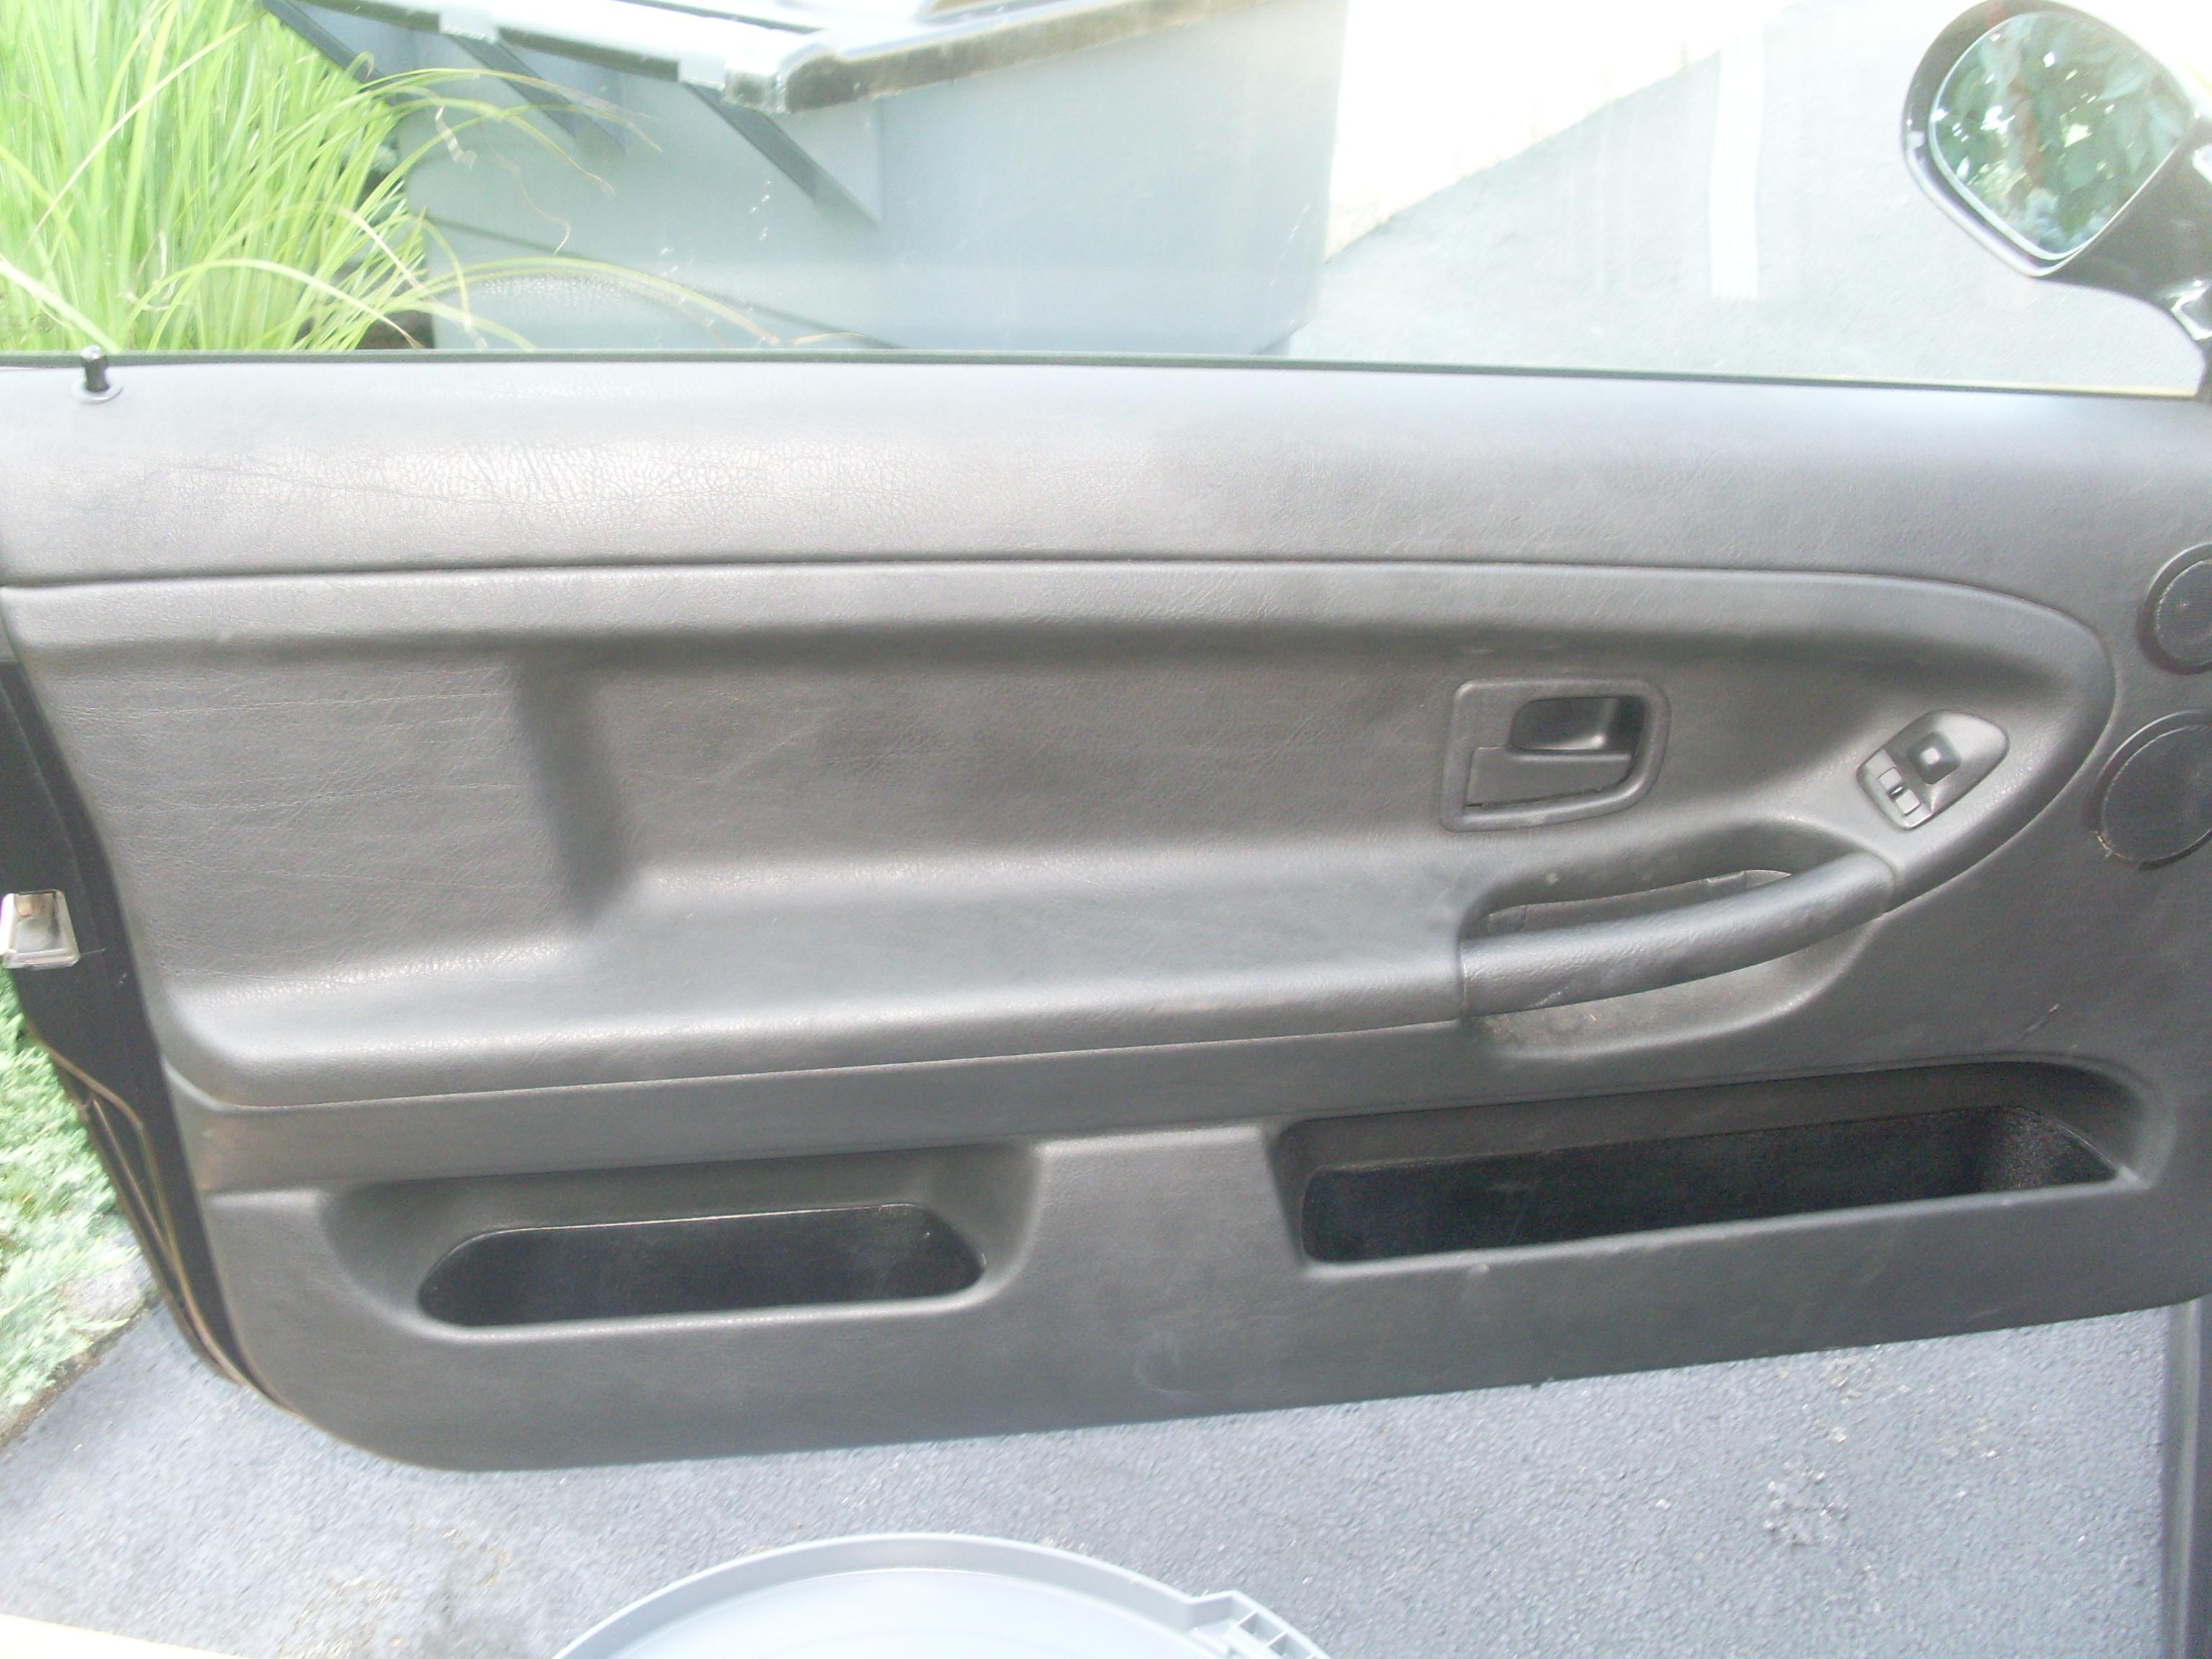 MY95 E36 M3 Track/Street Car-e36-m3-008.jpg